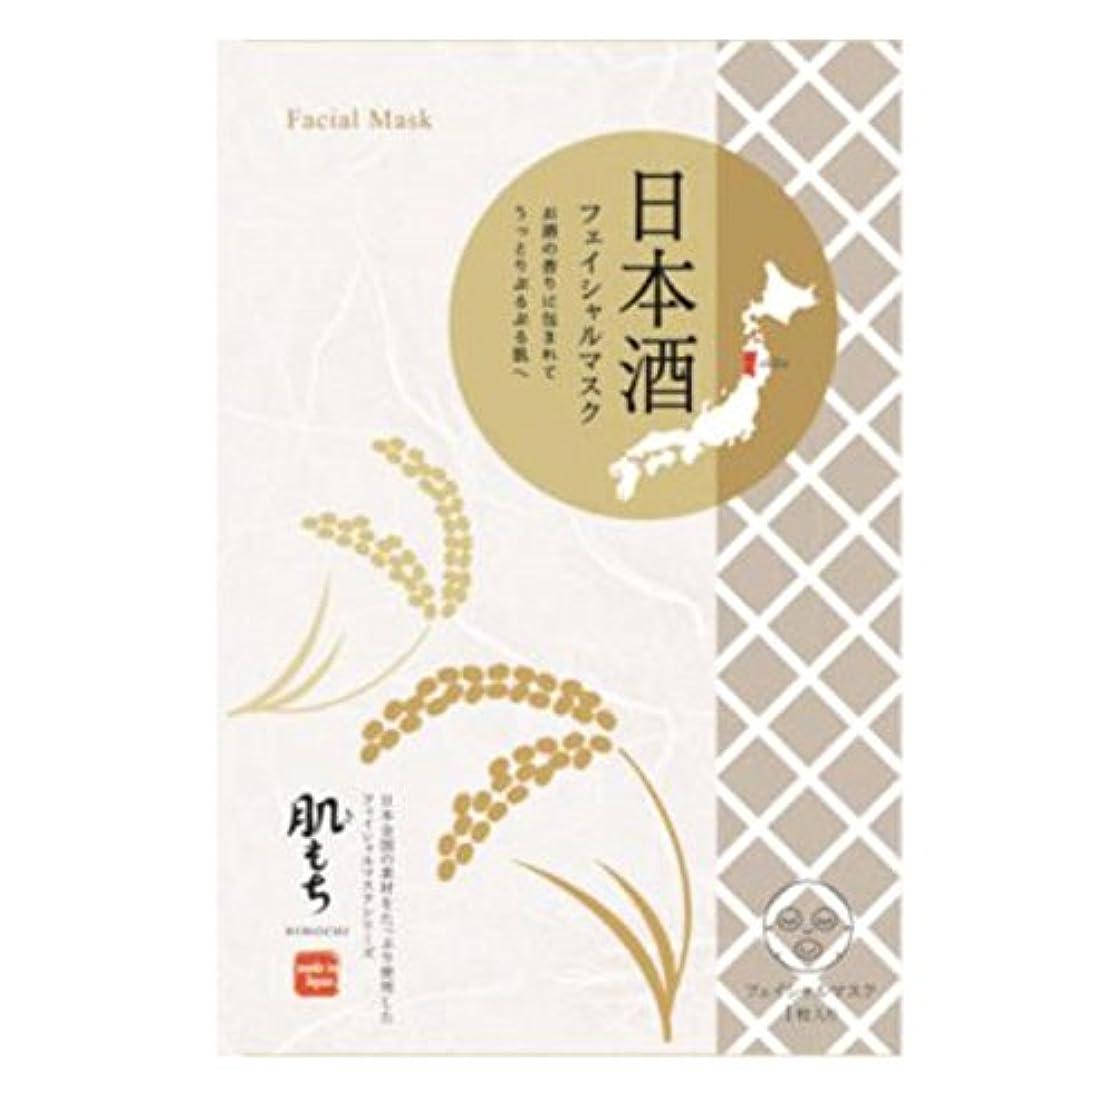 病気のみ以前は肌もち(きもち) フェイシャルマスク 日本酒(1枚20ml) 5枚セット